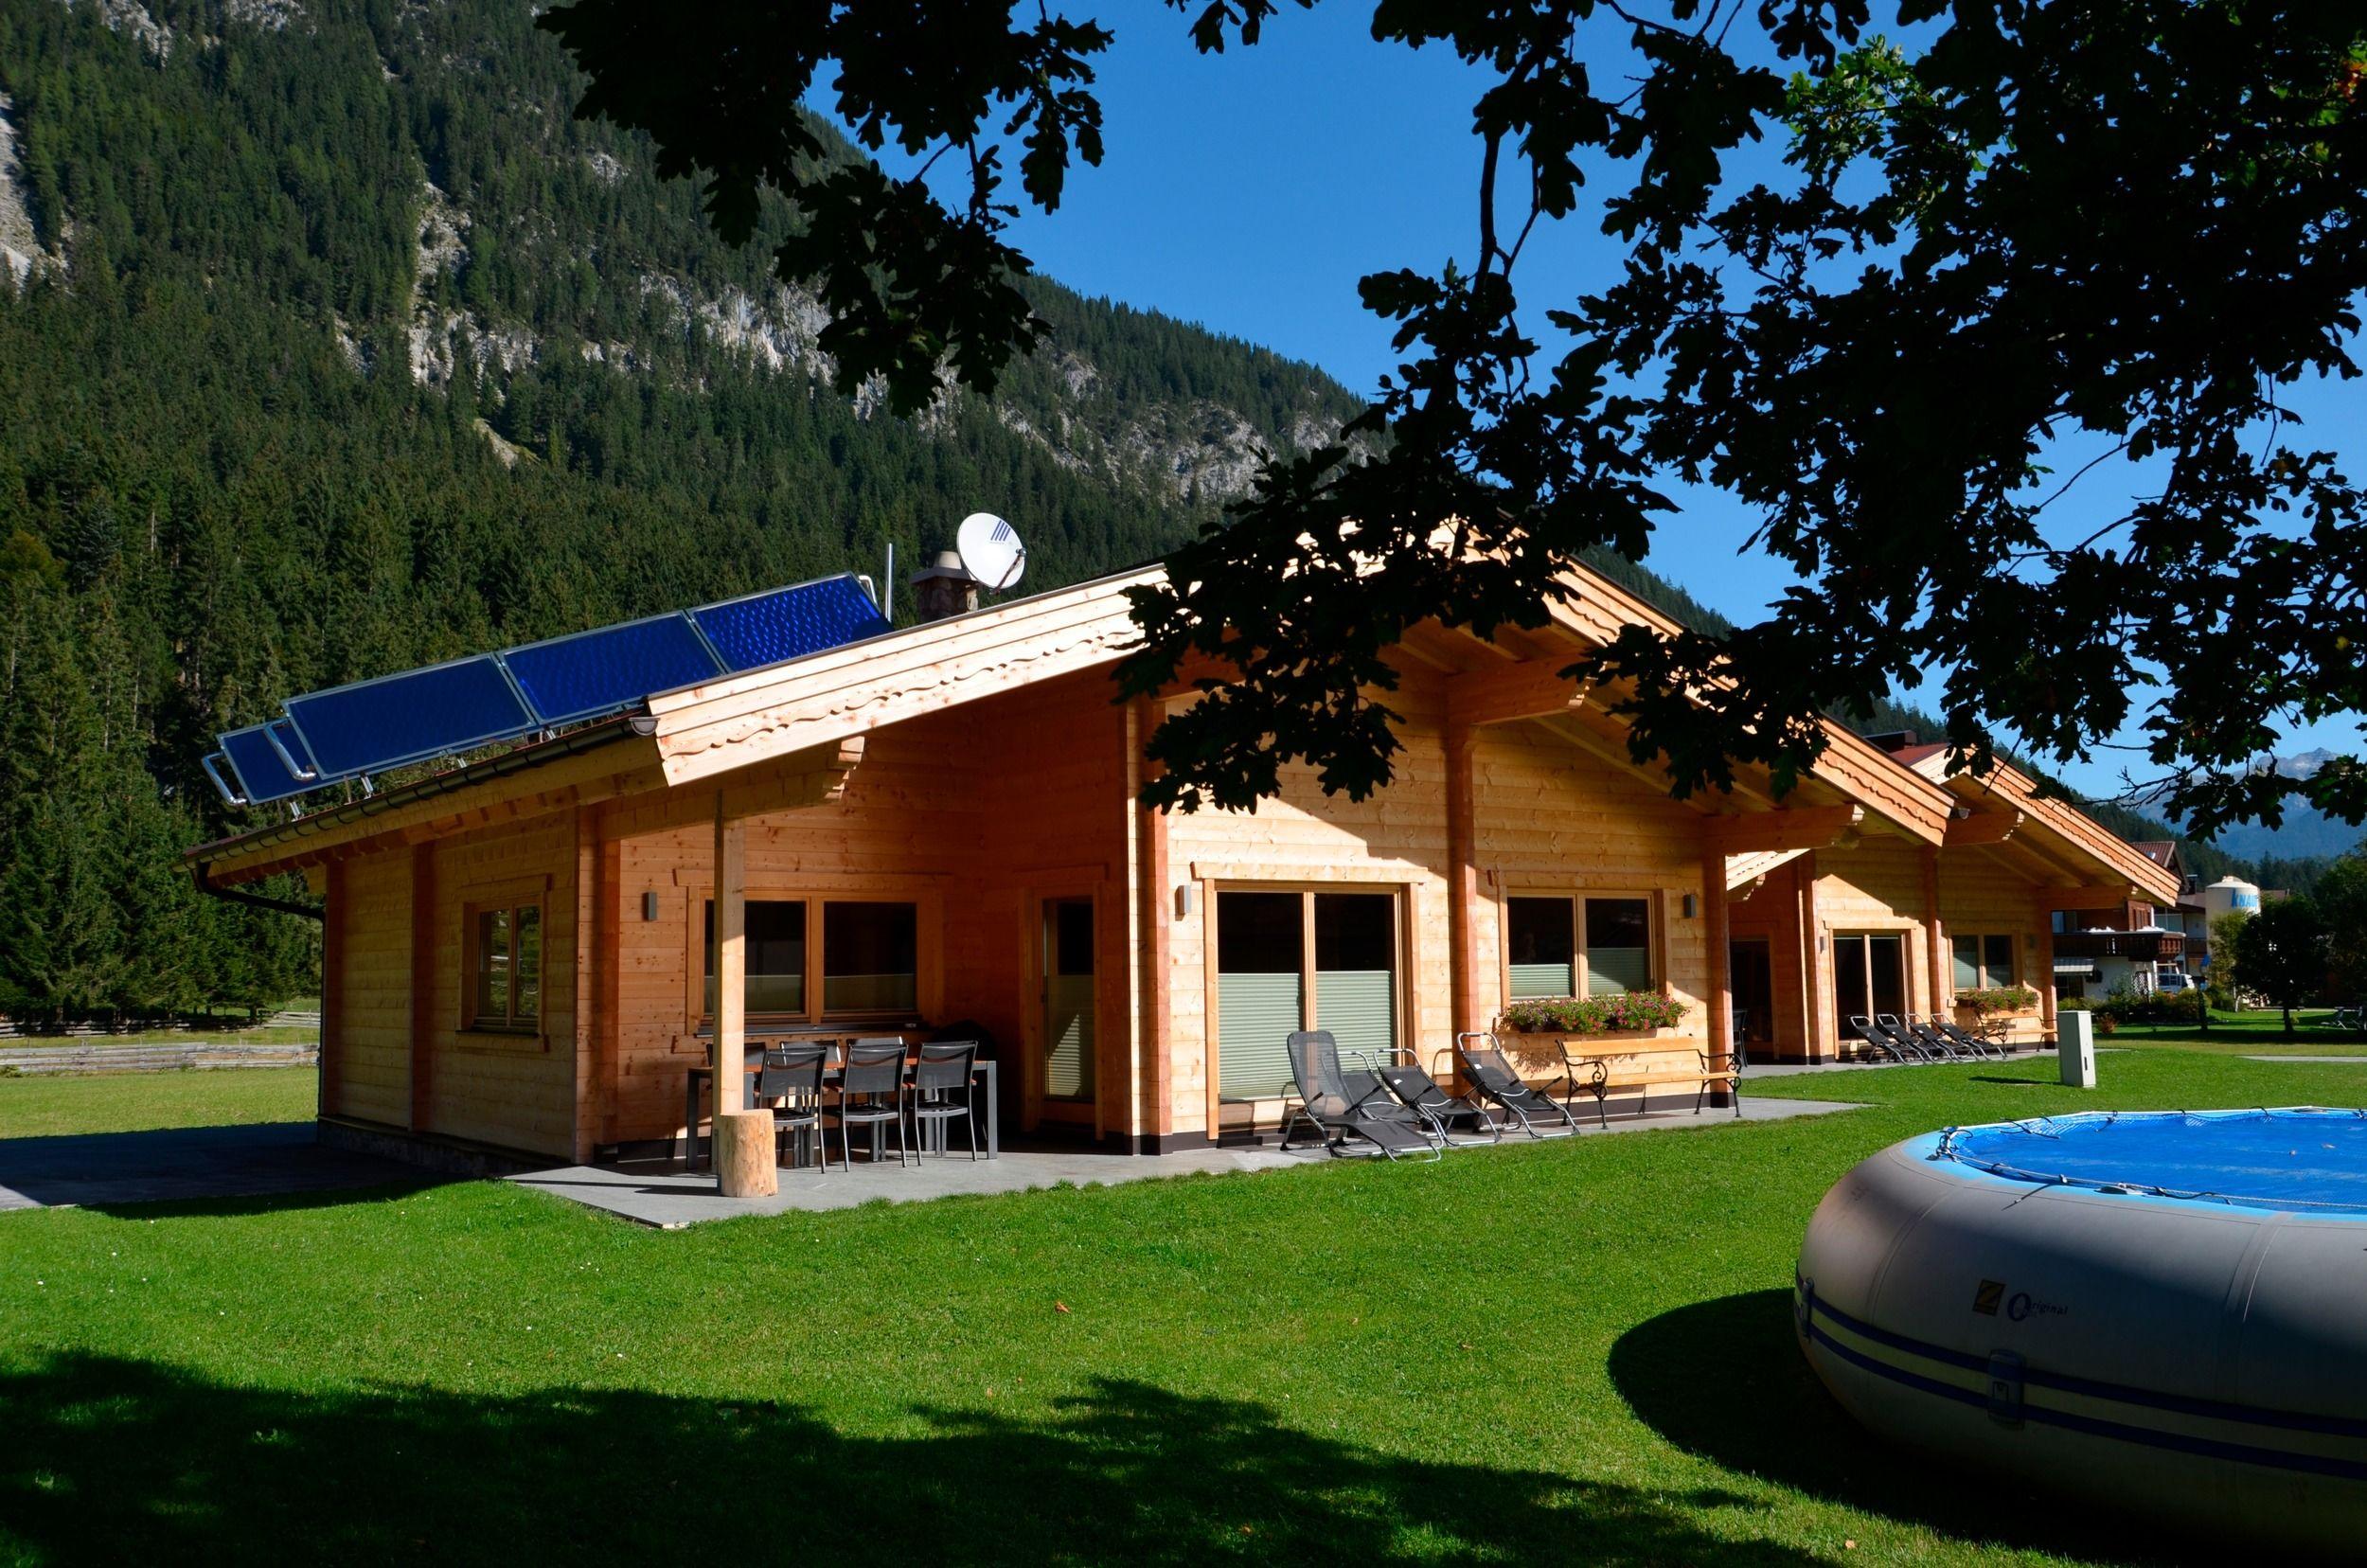 Chalet Reiterklause 1 Olympiaregion Seefeld Gunstige Hotels Ferienhaus Ferienwohnung